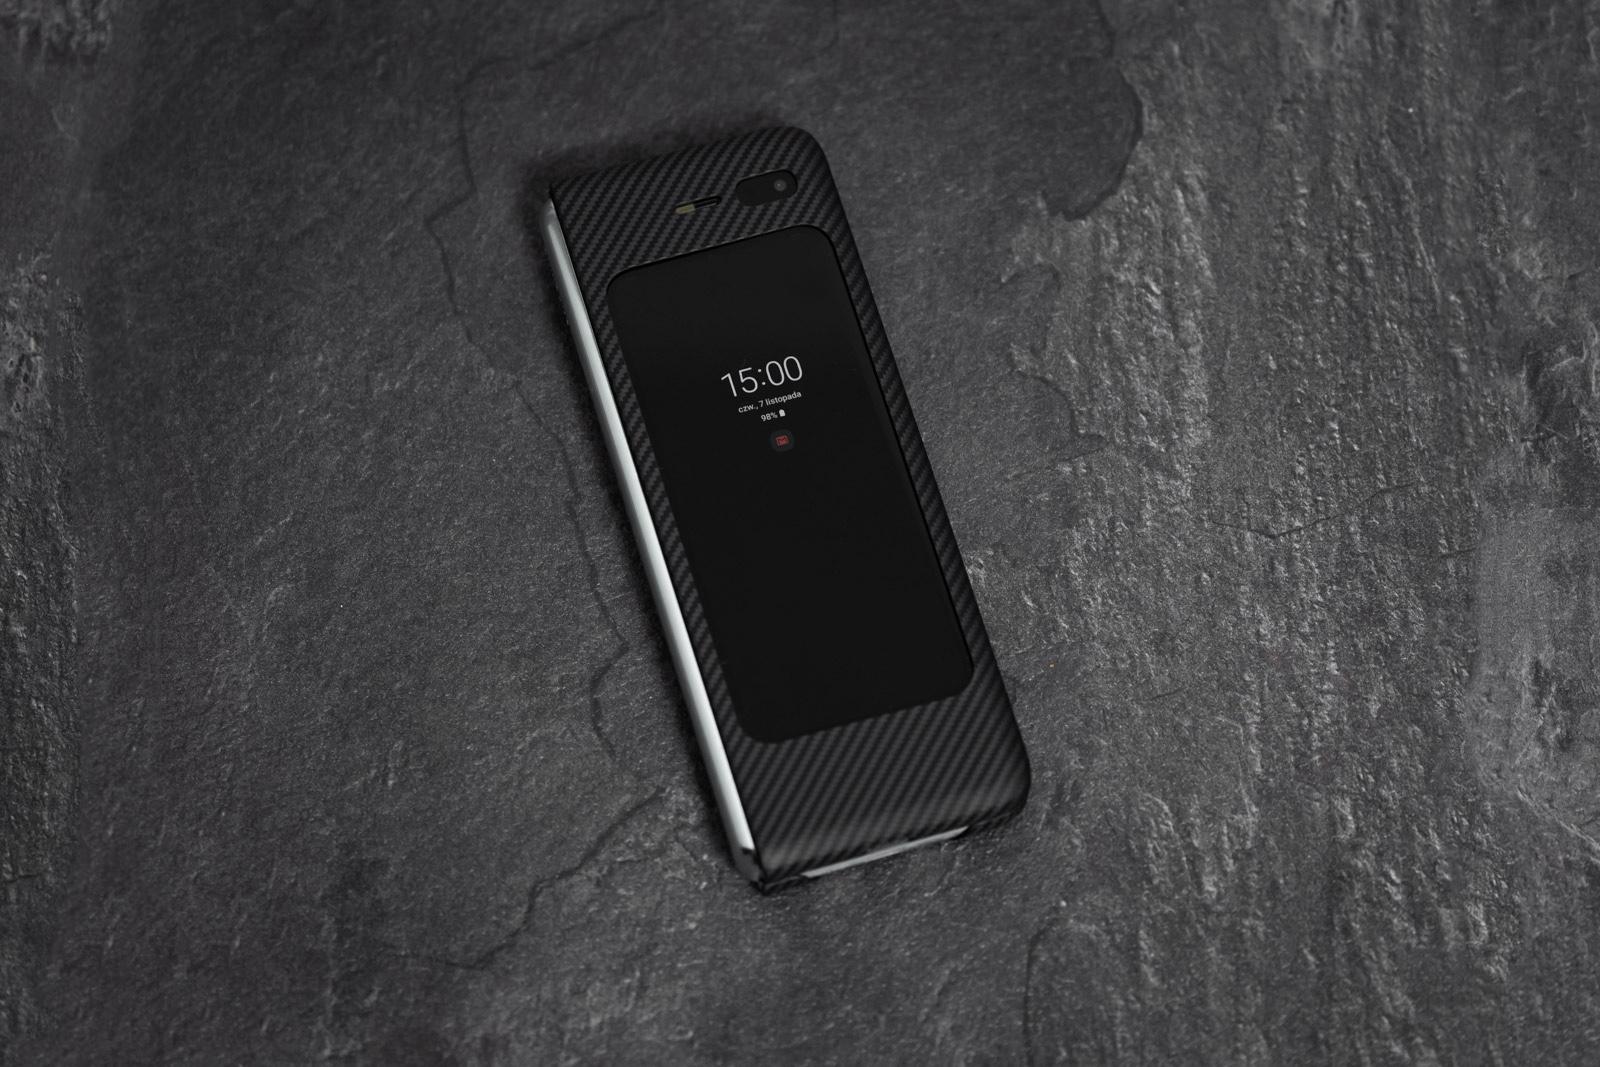 Zenbat smartphone Samsungen Galaxy Fold?  Pantaila txiki hau zertarako egokia den egiaztatu dut